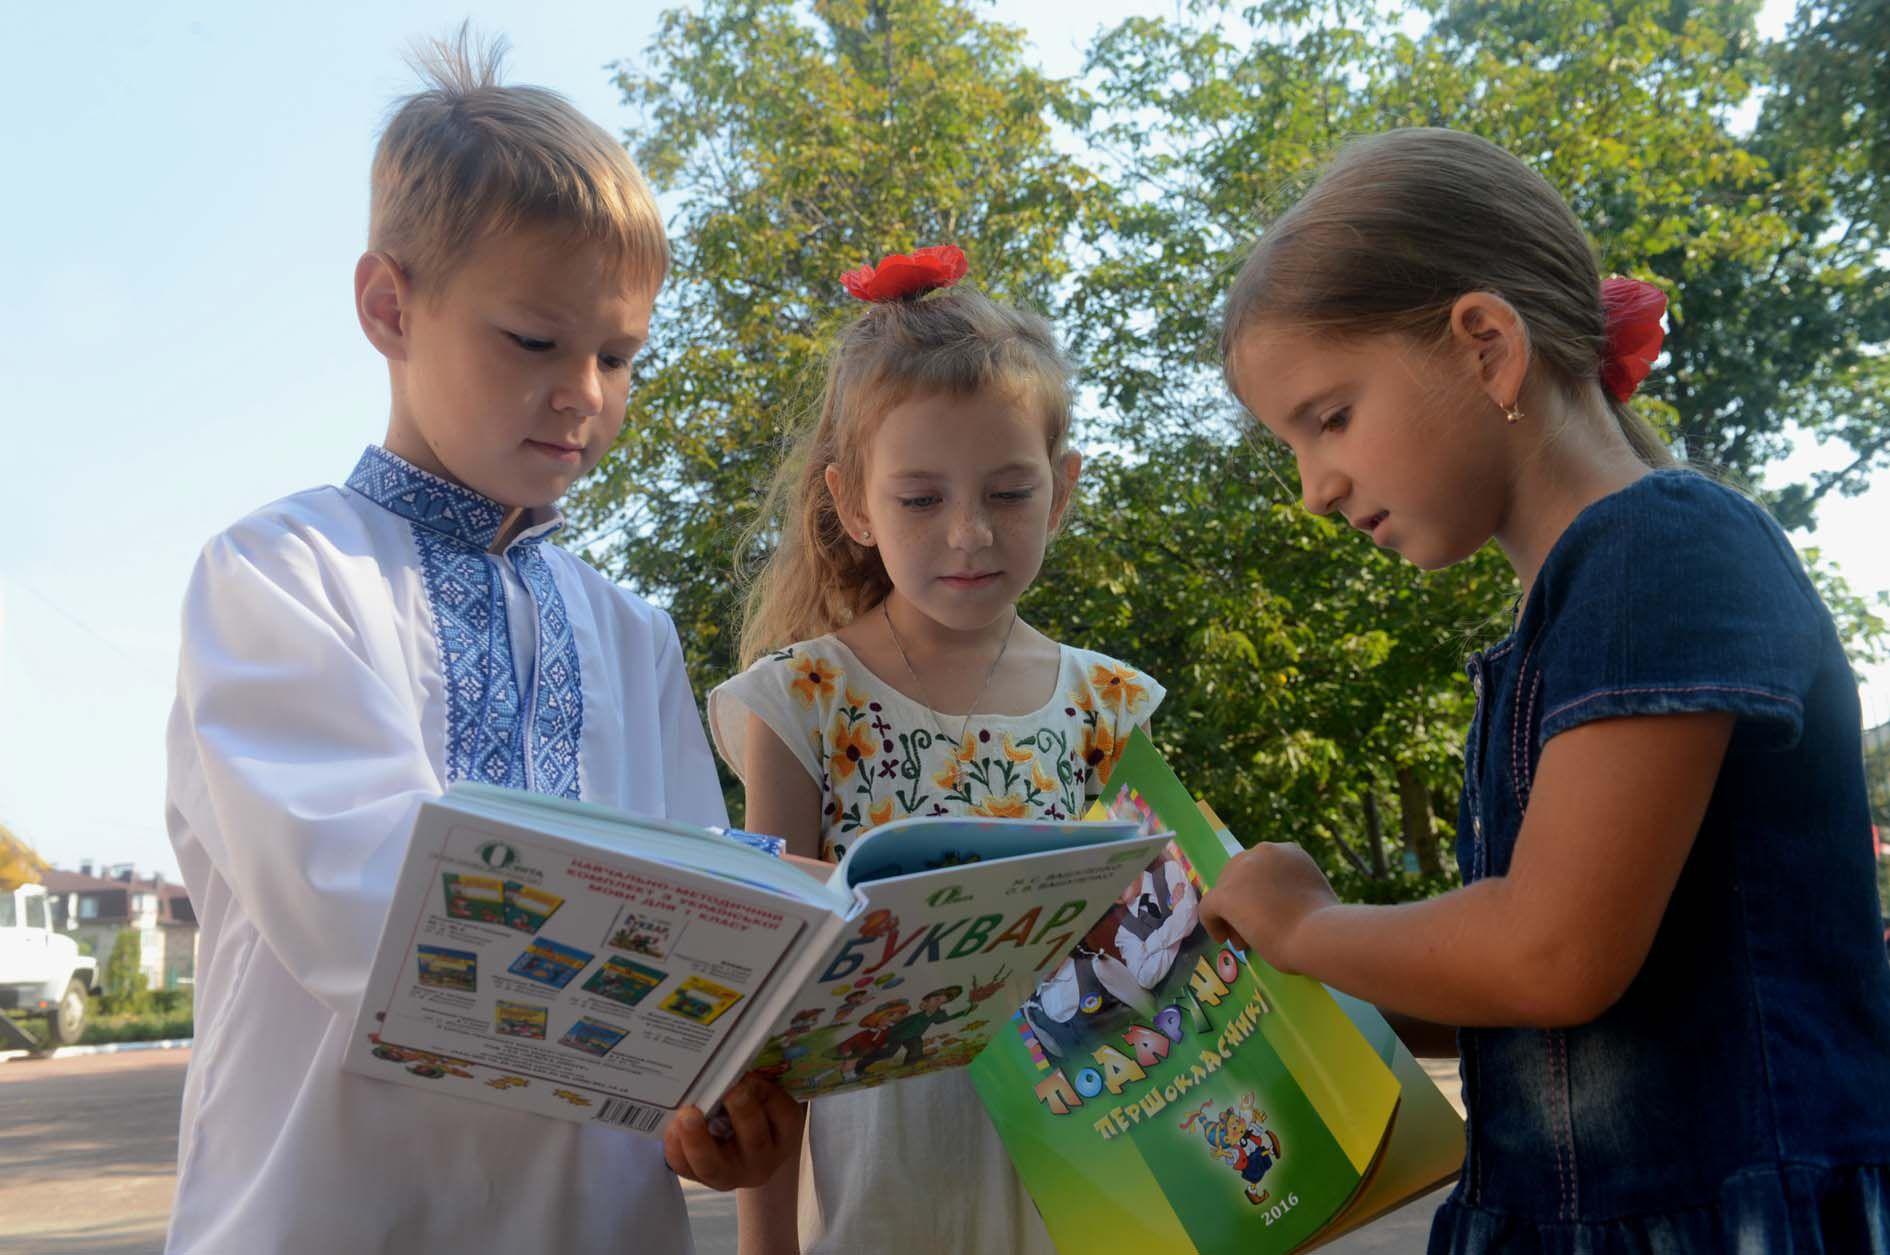 Як записатися до школи: «іспити» для дітей і конкурси батьківських гаманців — поза законом!